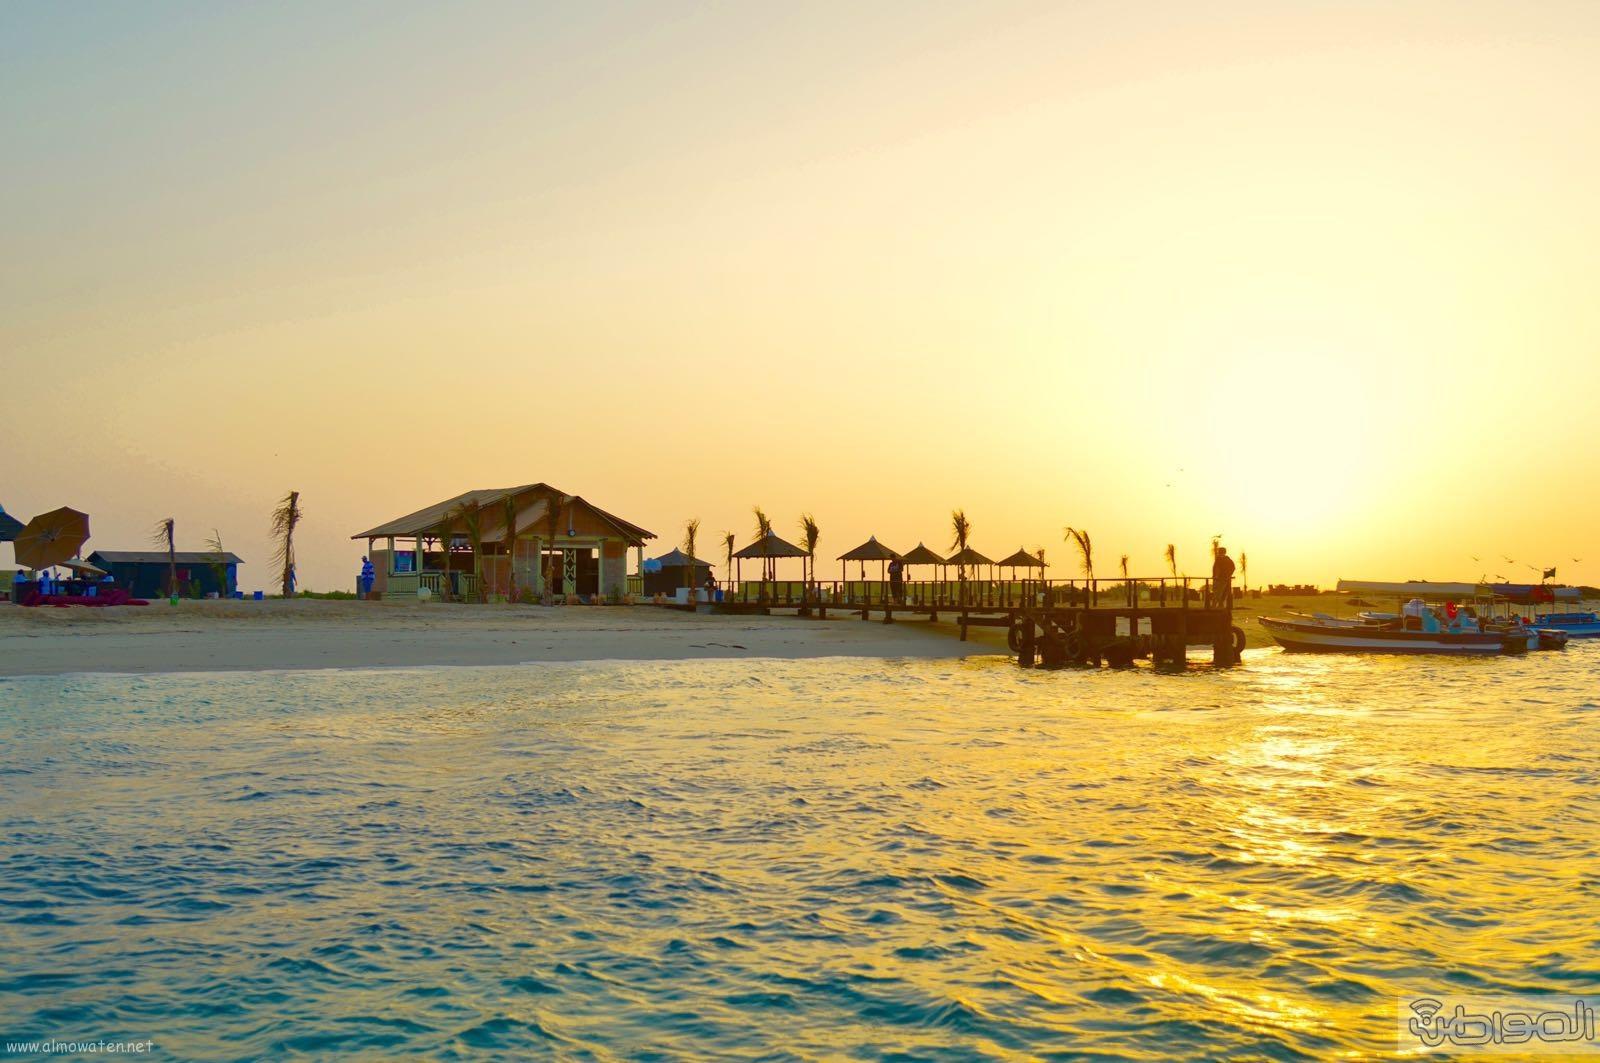 اول جزيرة يتم تهيئتها للسياحة بالمملكة (14)